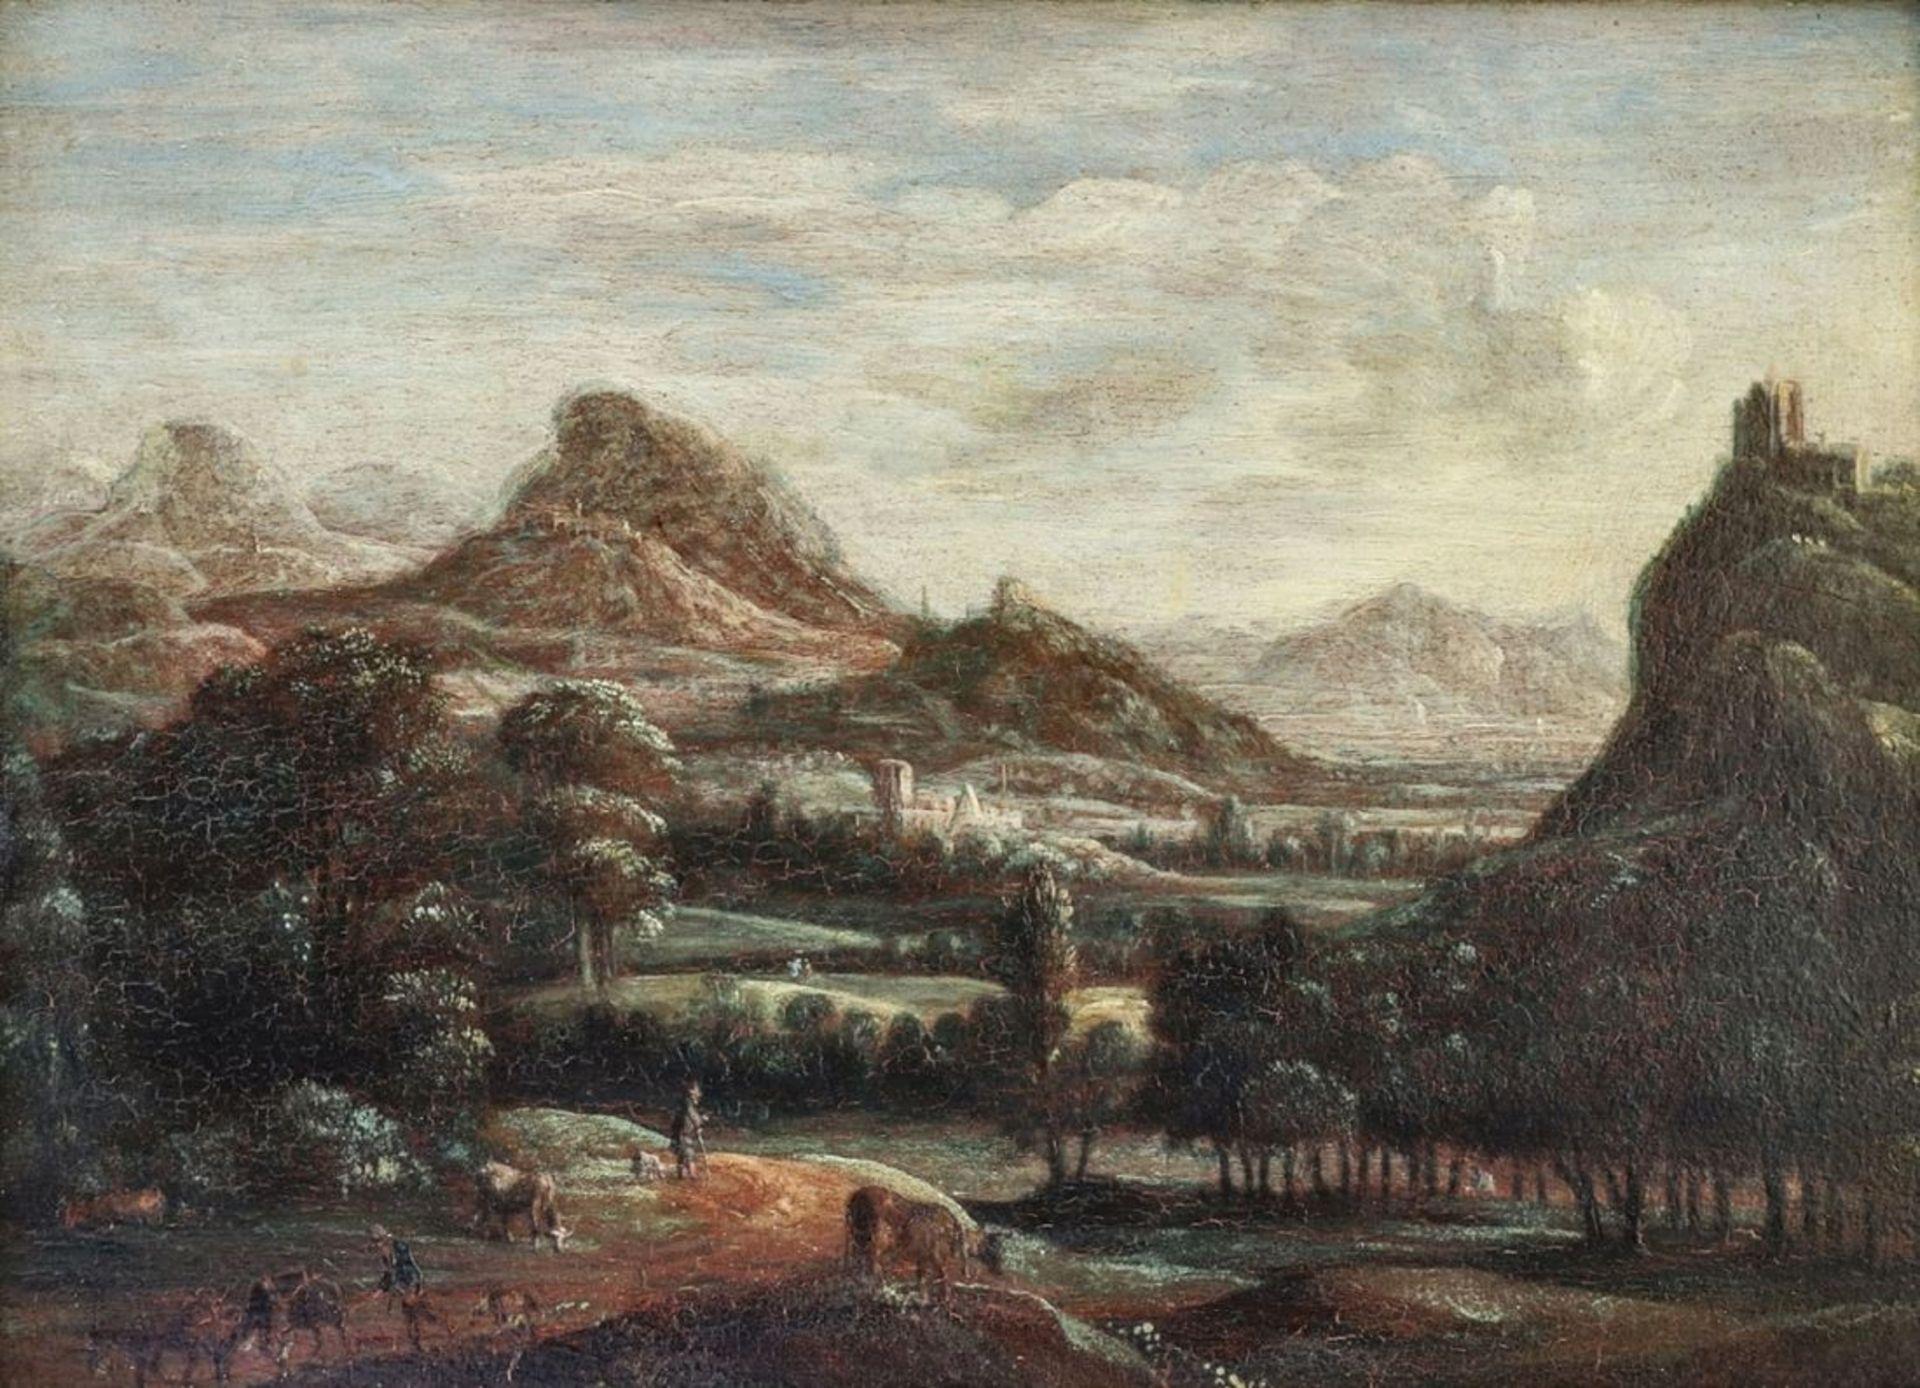 Flämischer Künstler des 18. Jahrhunderts - Bild 4 aus 5